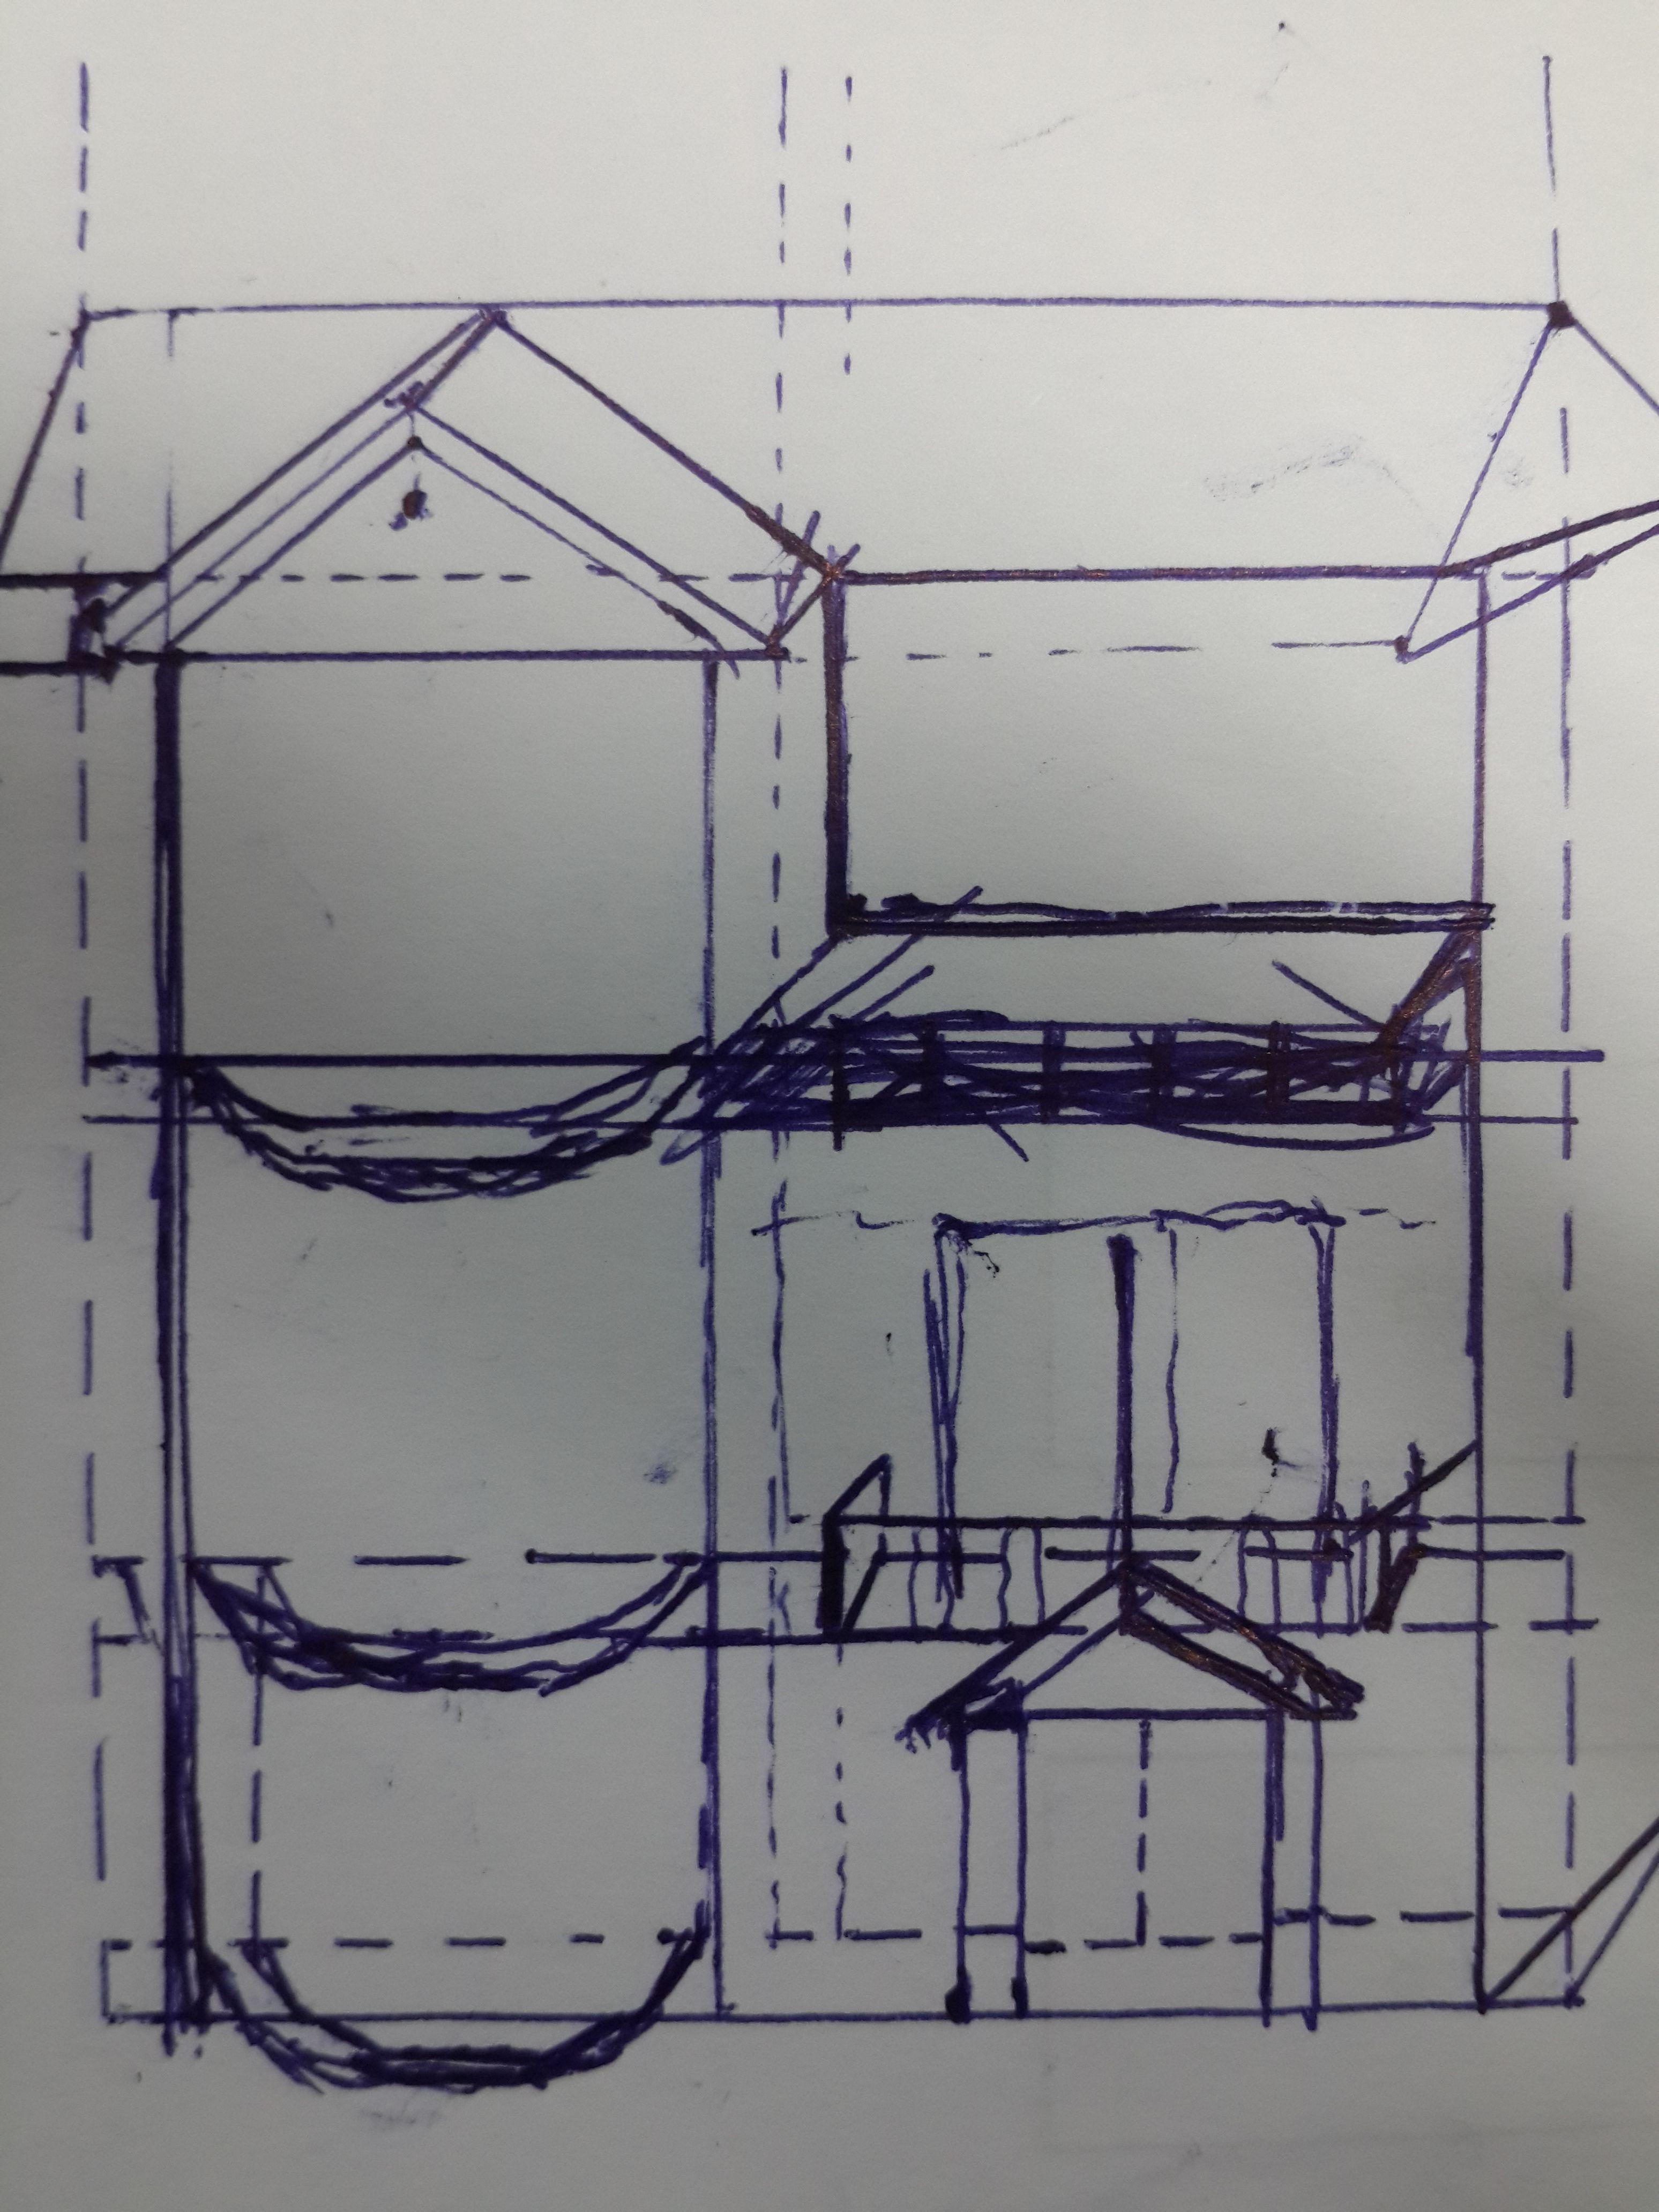 大致预想的效果大致如图,房子坐南朝北(正面宽度为8m,深度为11.图片